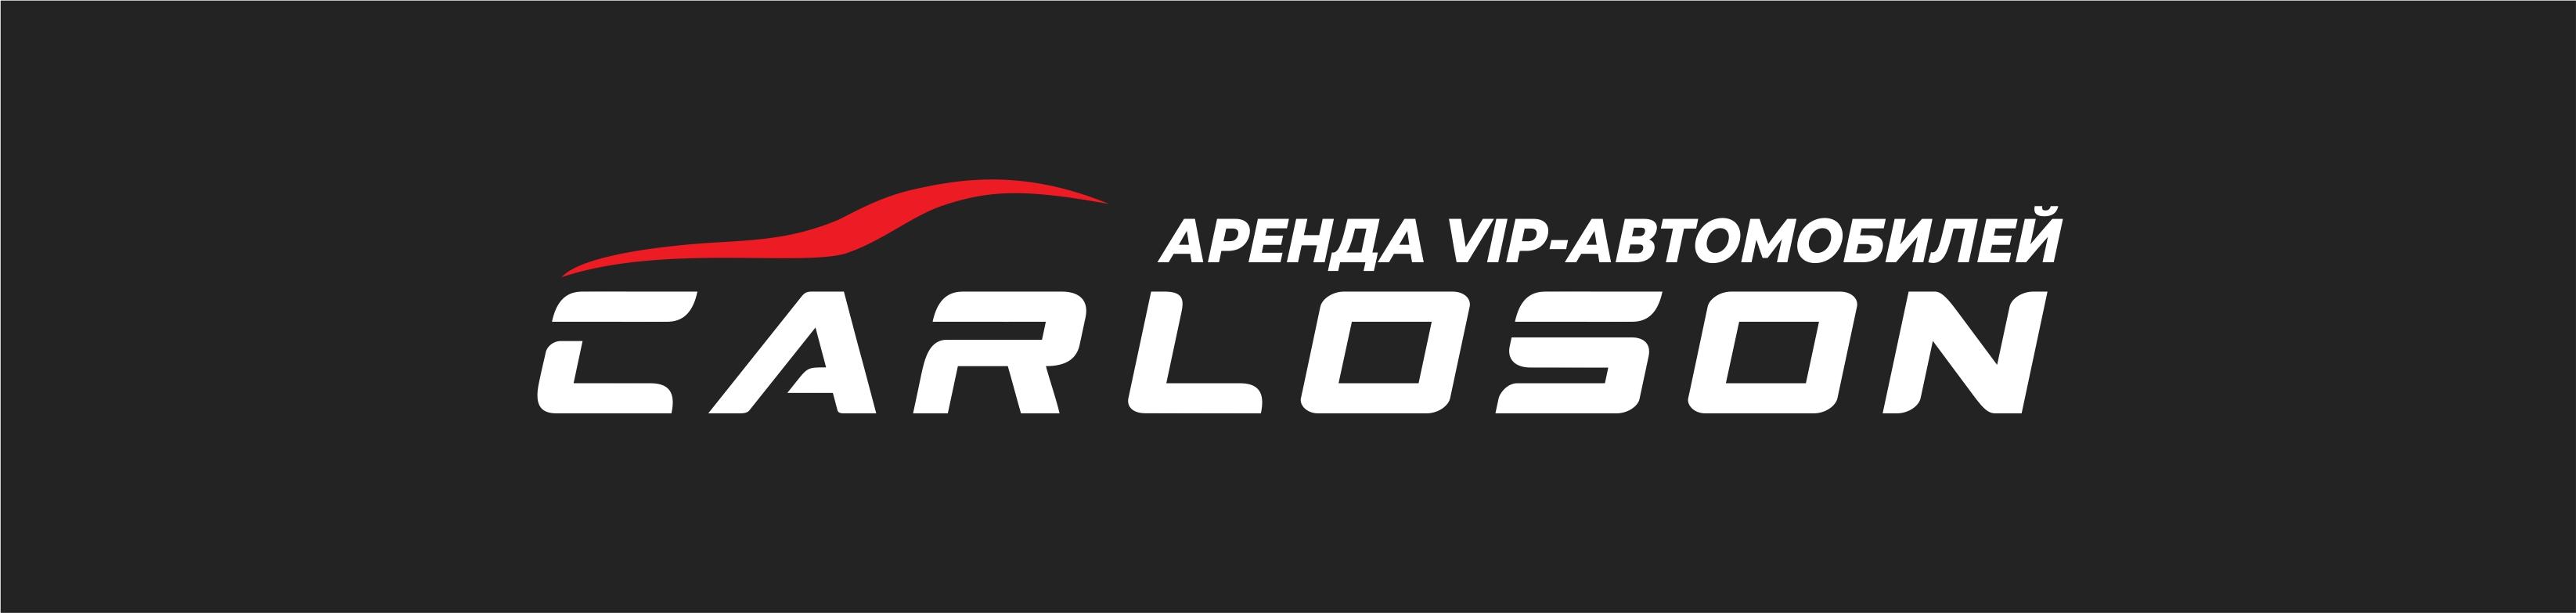 Логотип для компании по прокату  VIP автомобилей фото f_1725ad5e48e86f90.jpg